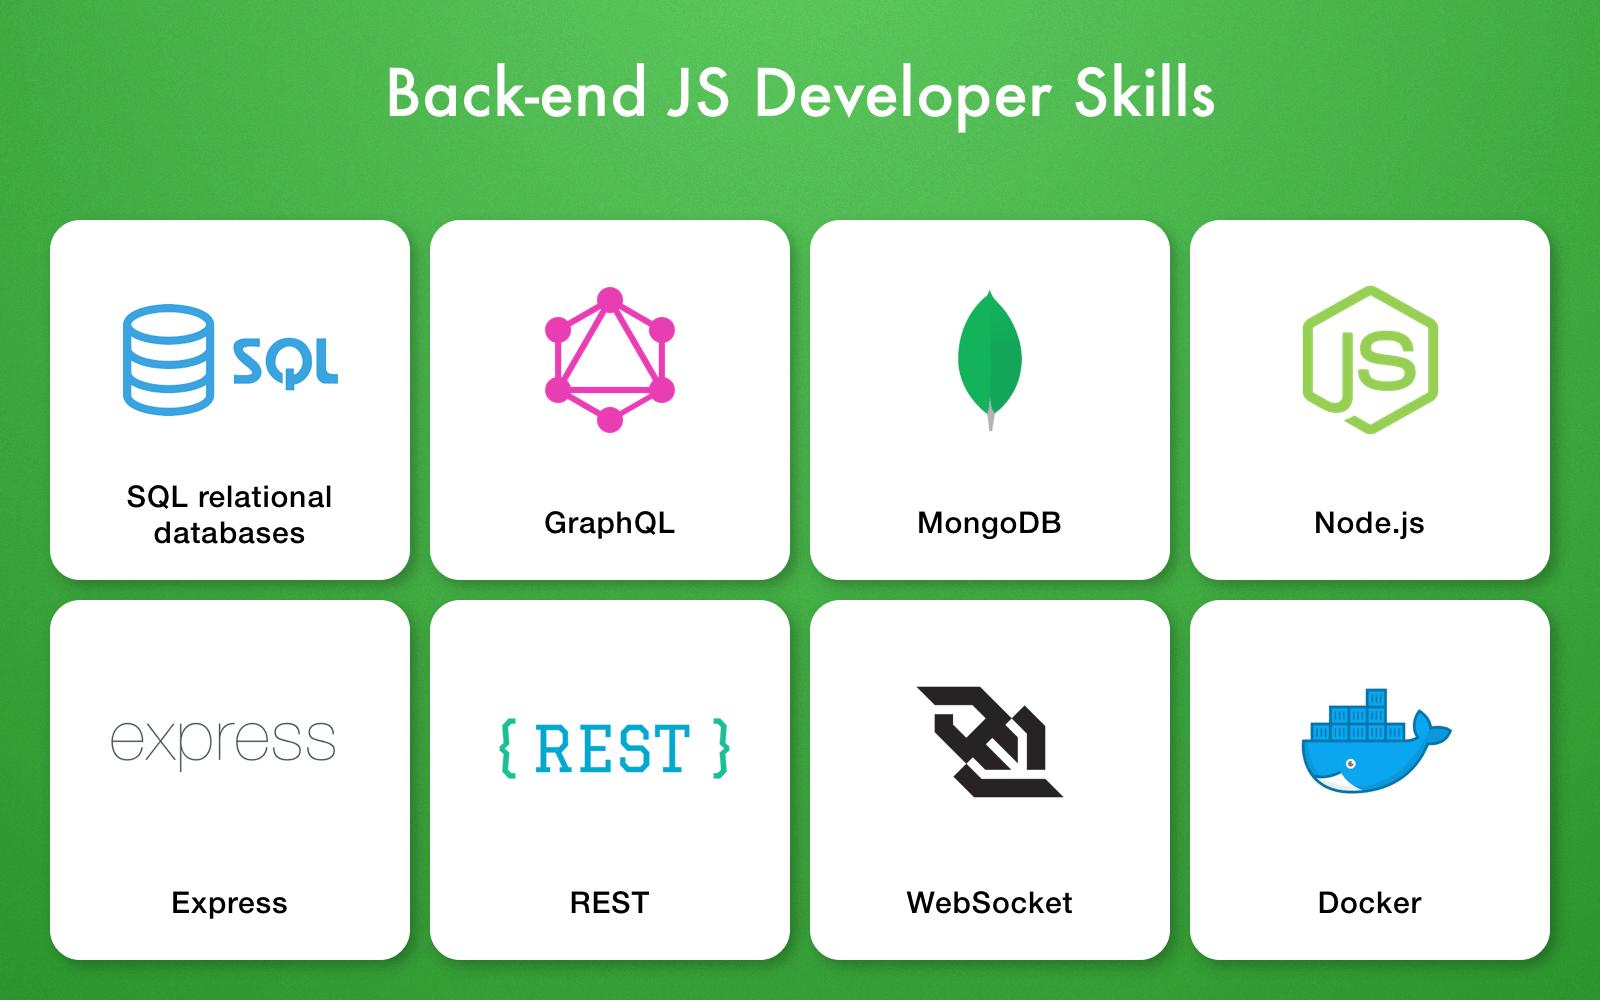 Back-end JavaScript Engineer Skills